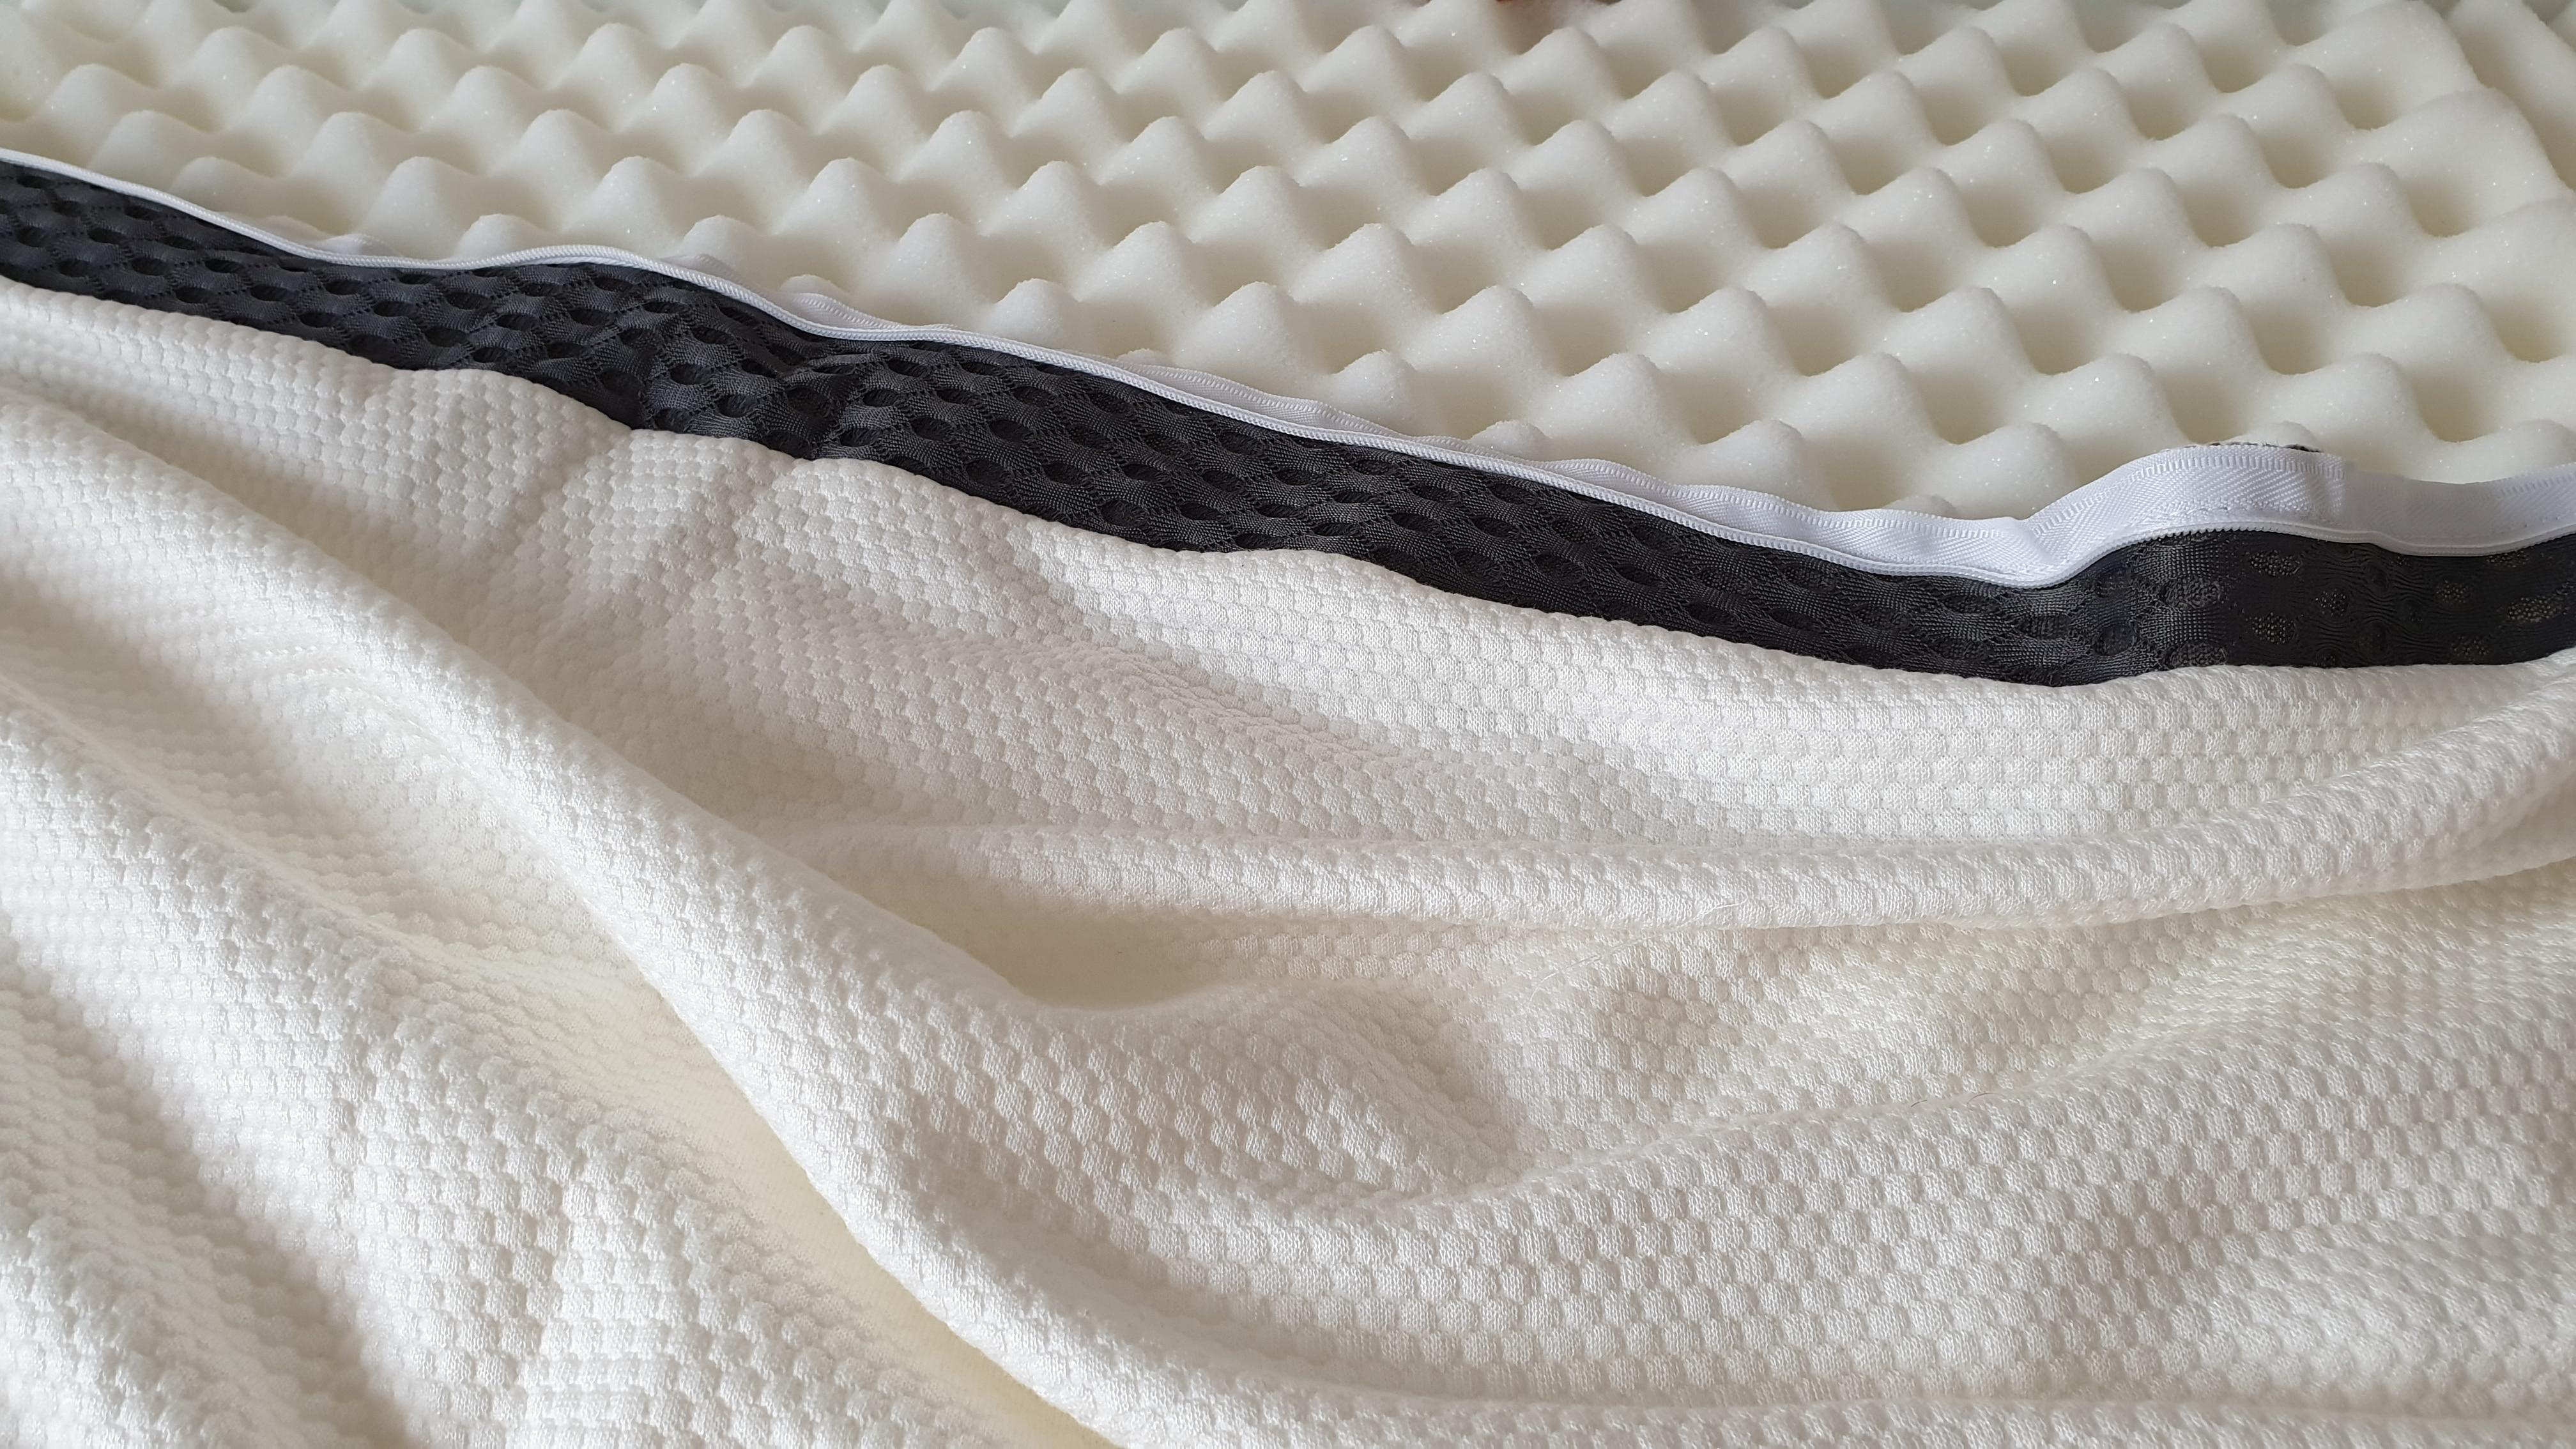 Unzipped cover revealing foam